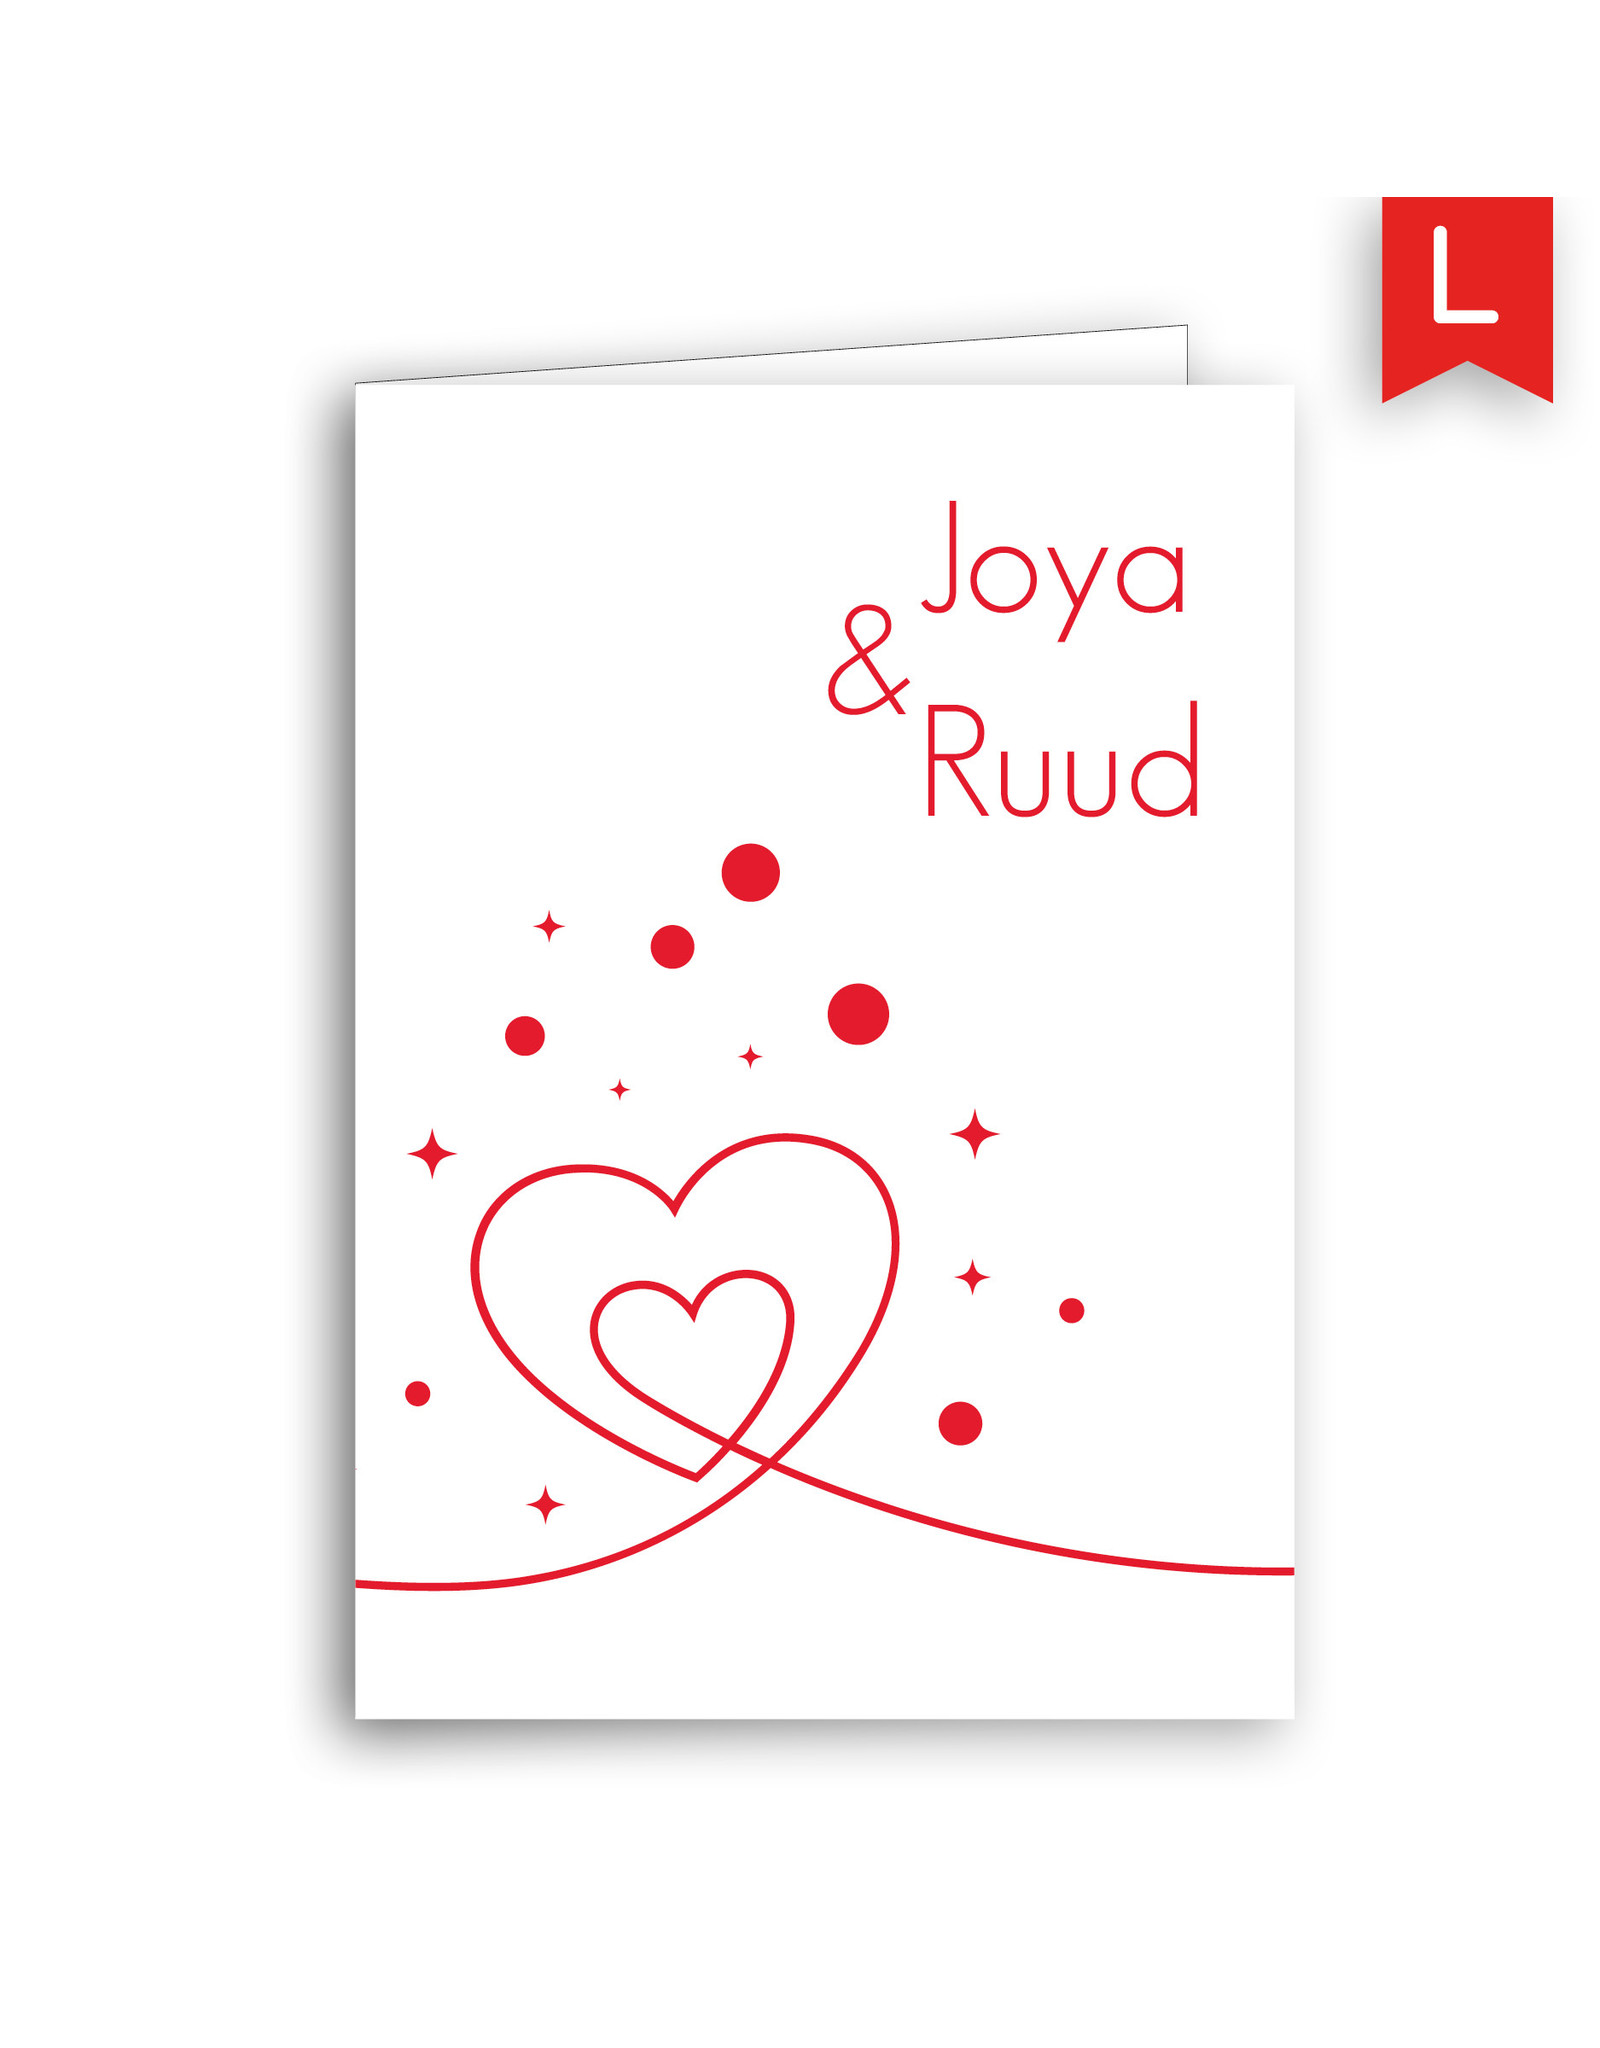 www.Robin.cards Trouwkaarten luxe rechthoek gevouwen Joya en Ruud